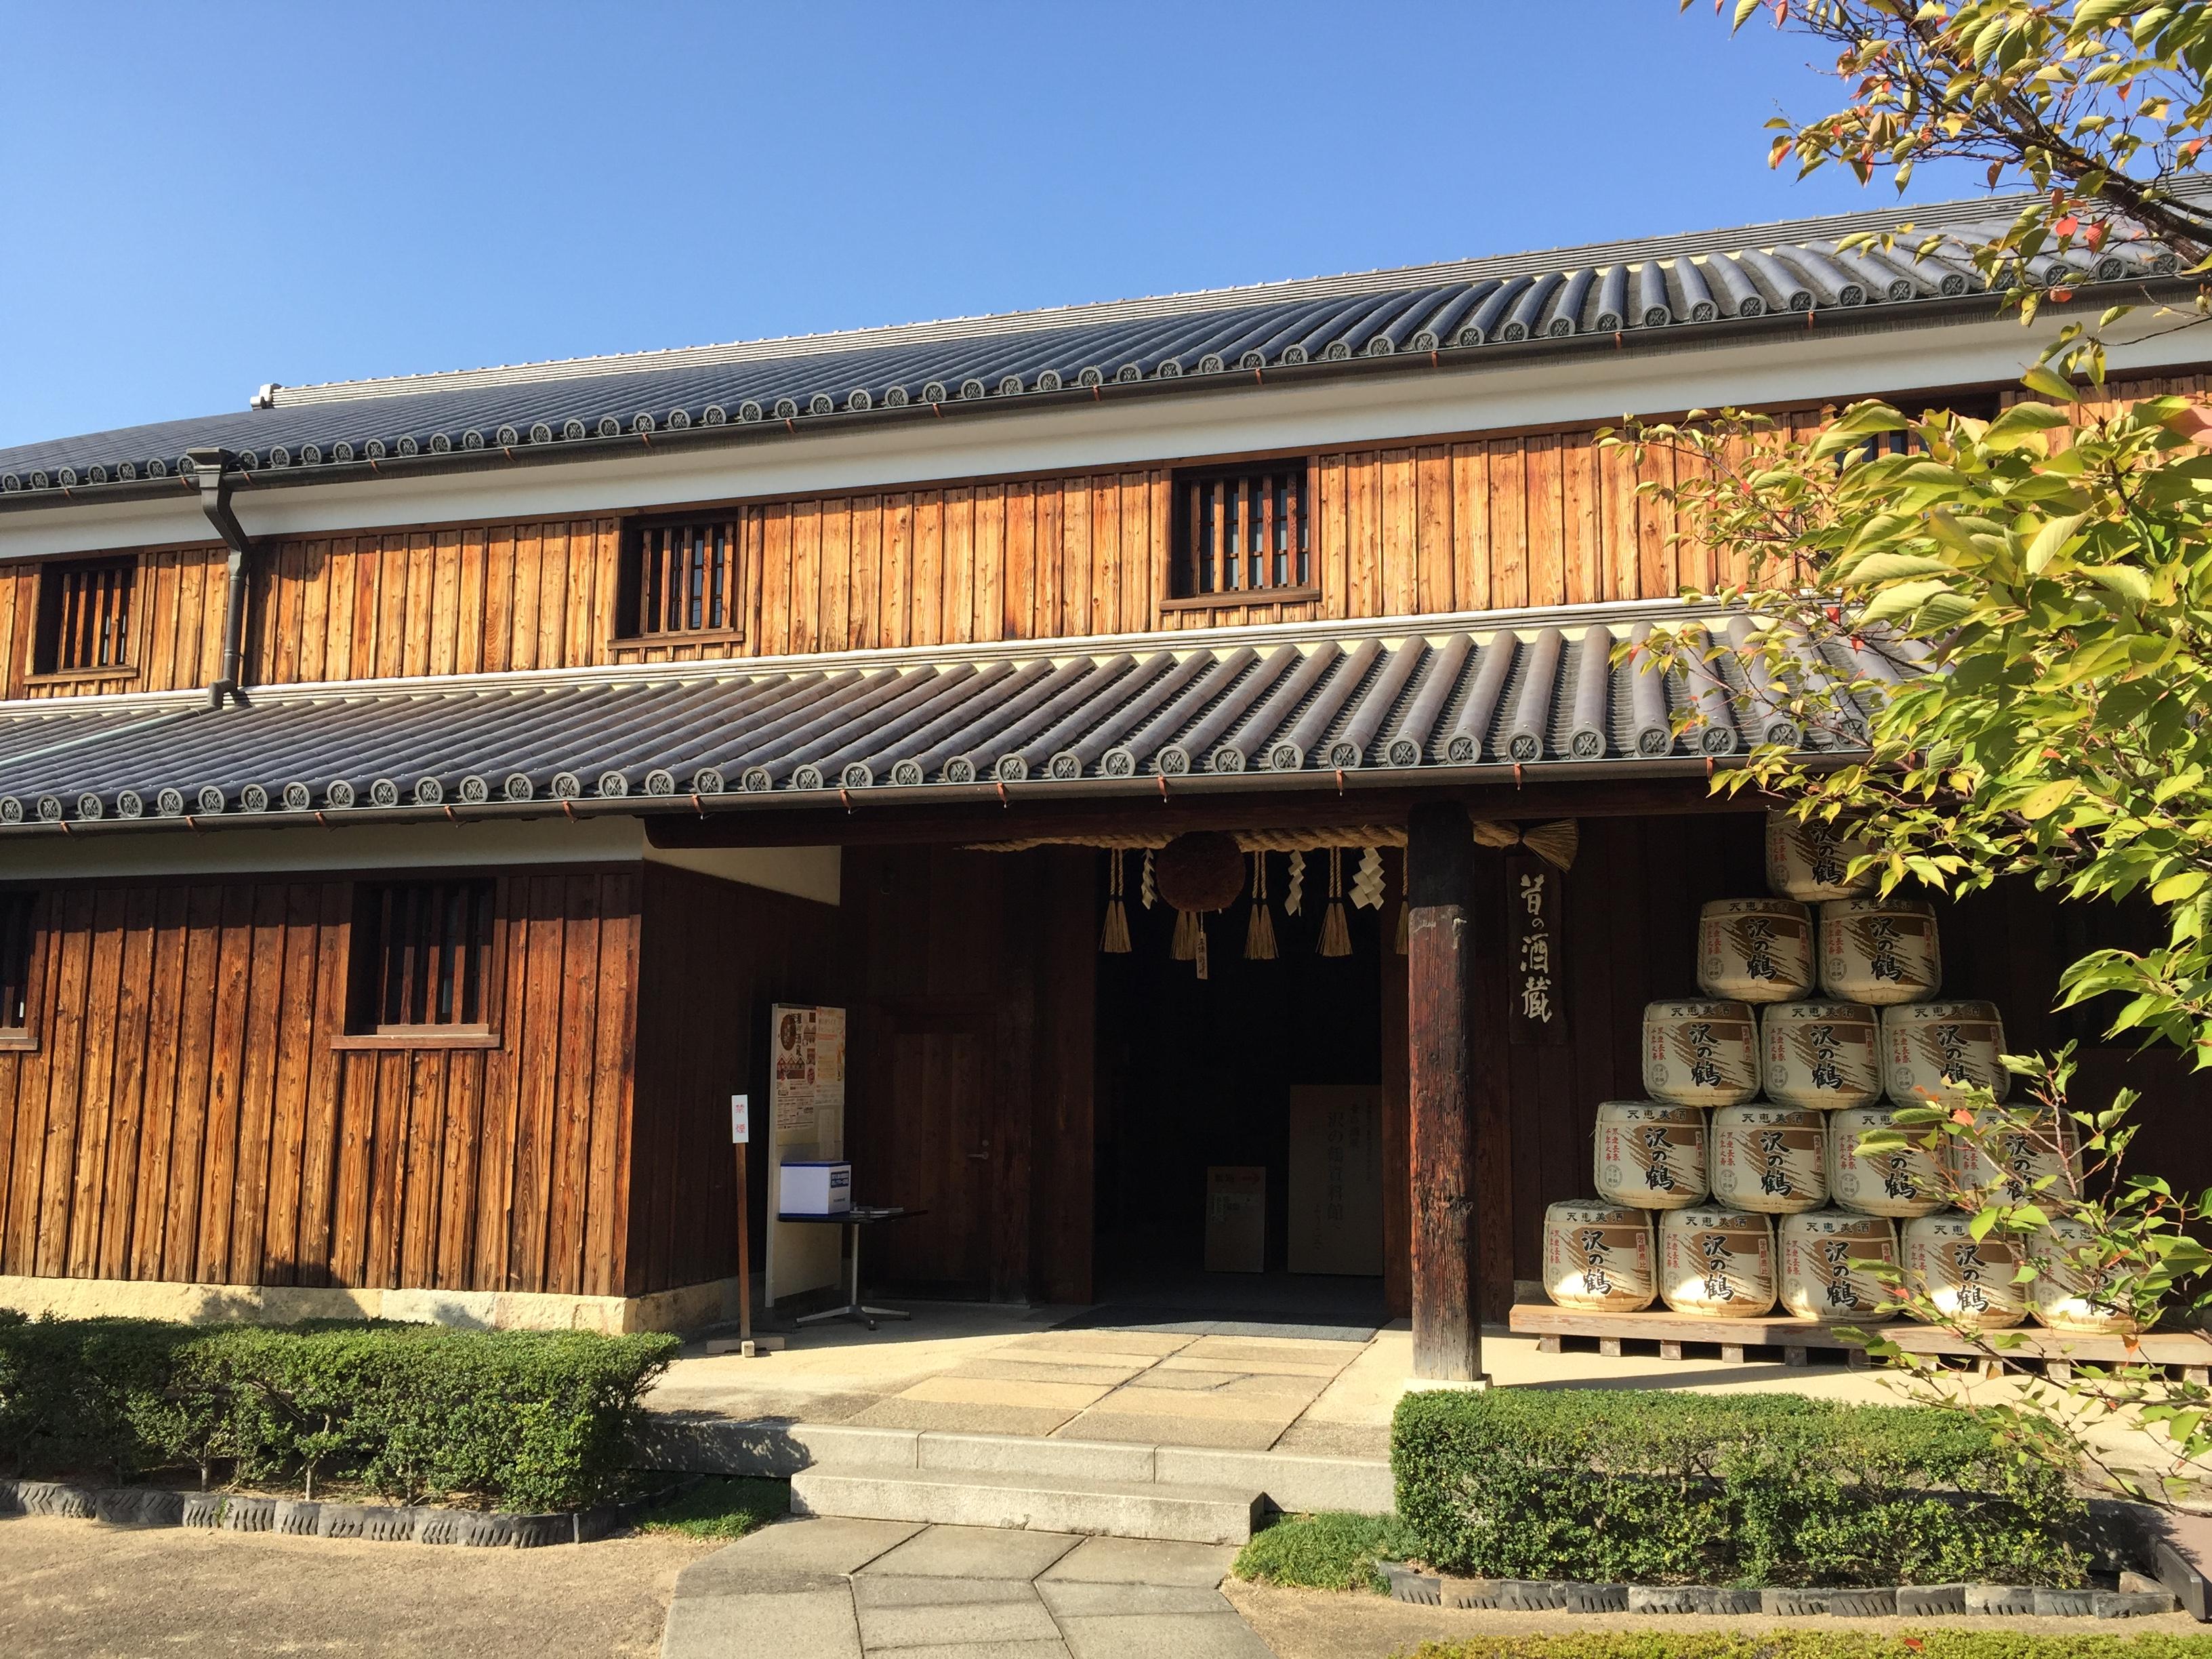 神戸・灘の「沢の鶴資料館」を散策したよ【※灘の酒蔵探訪バス感想あり※】